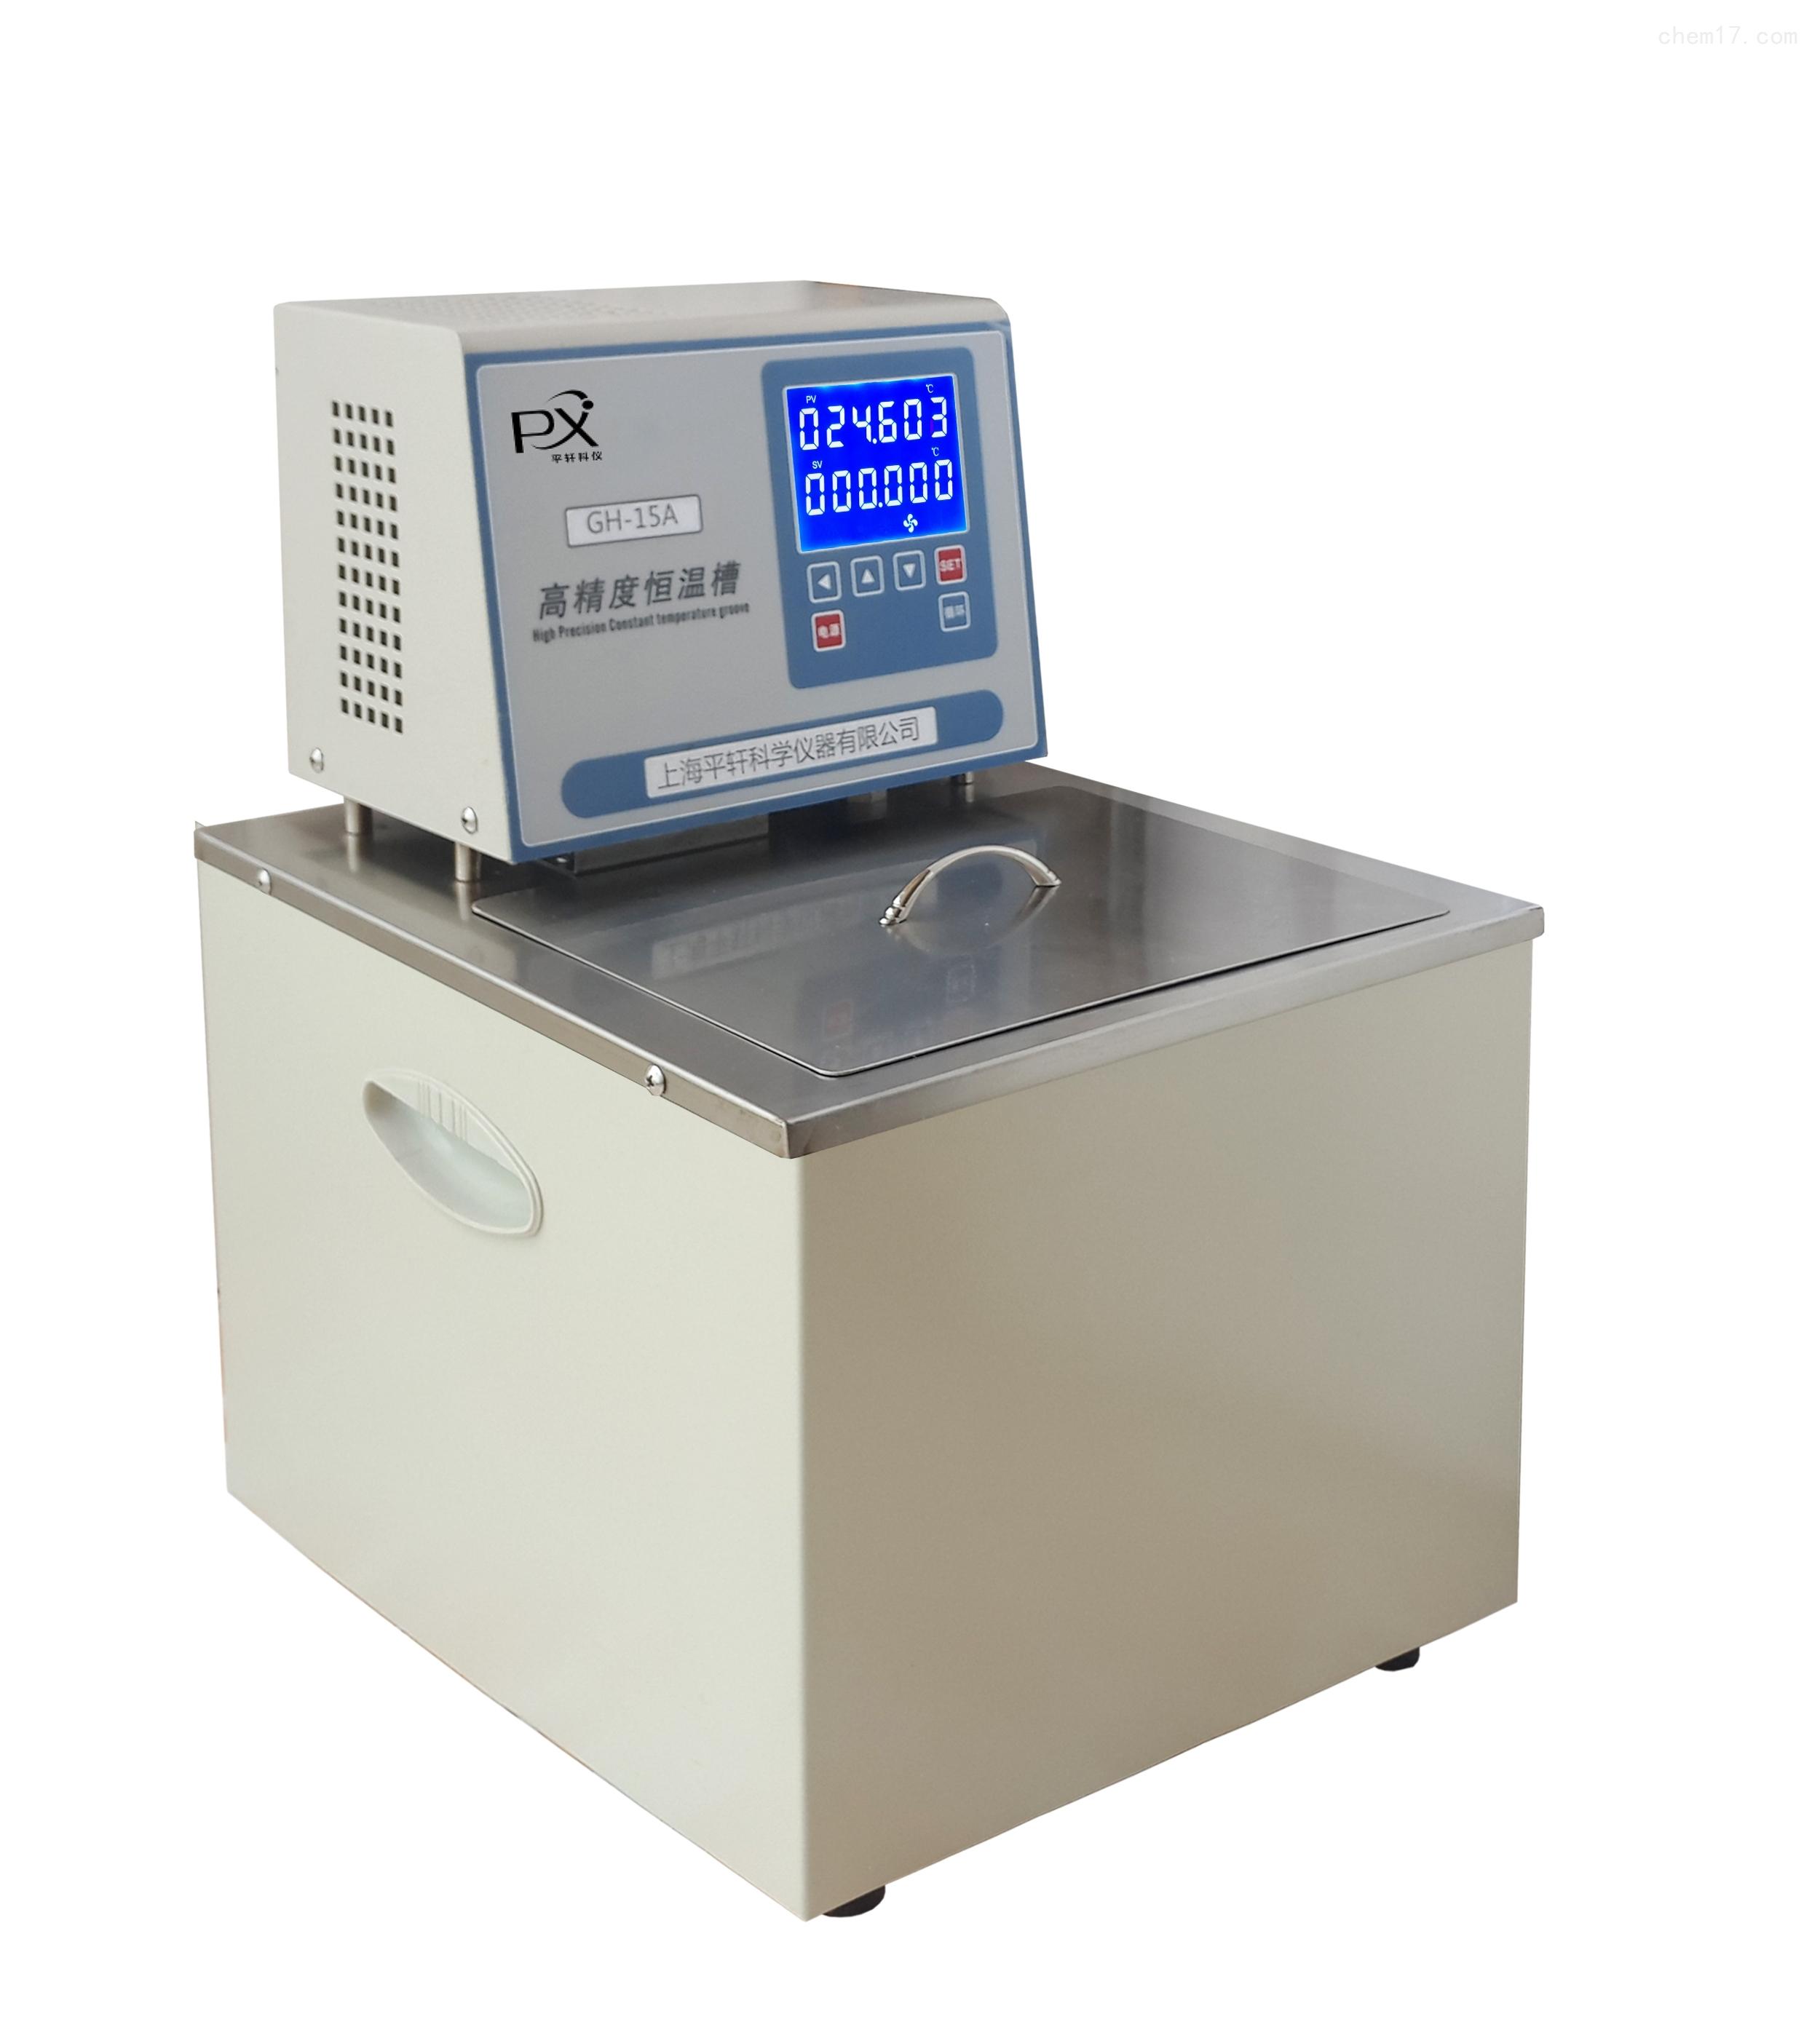 高温恒温循环器